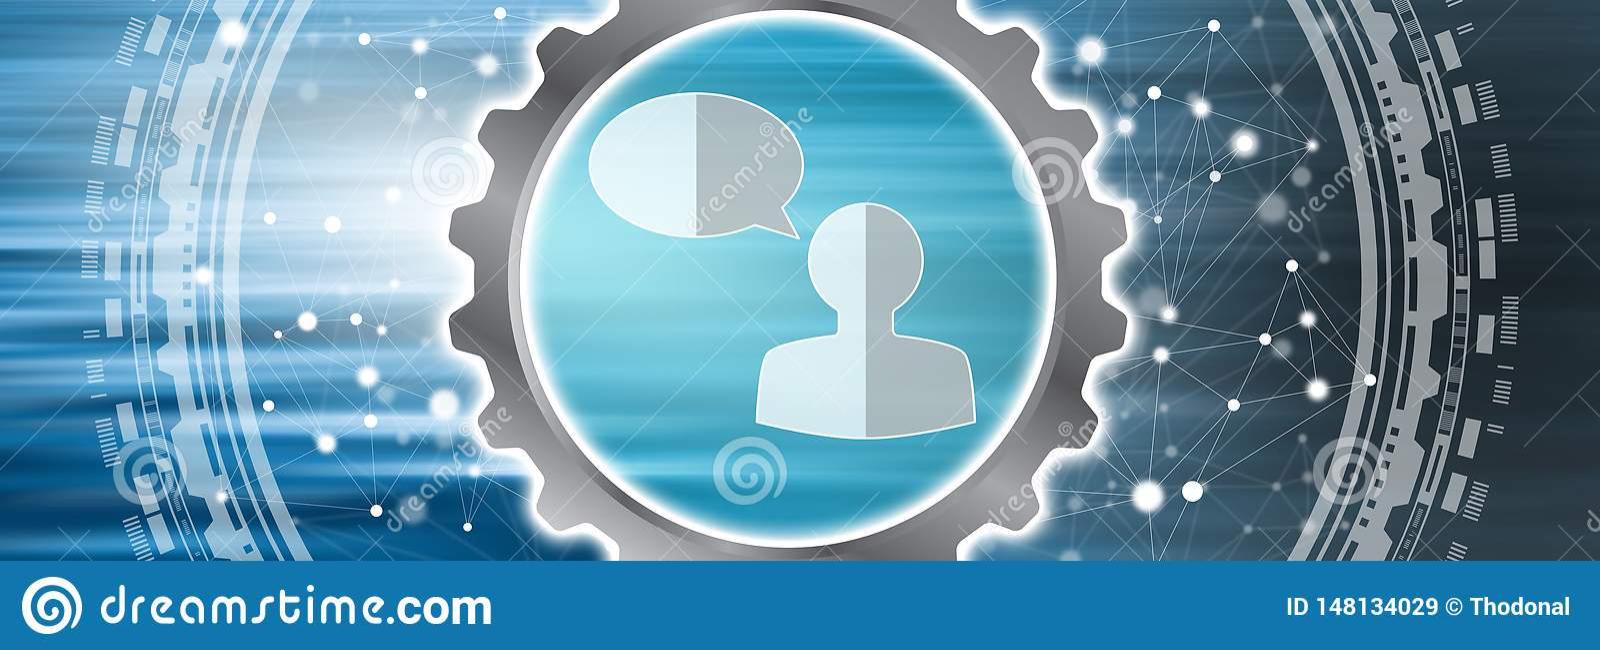 Concept de transmission de messages en ligne